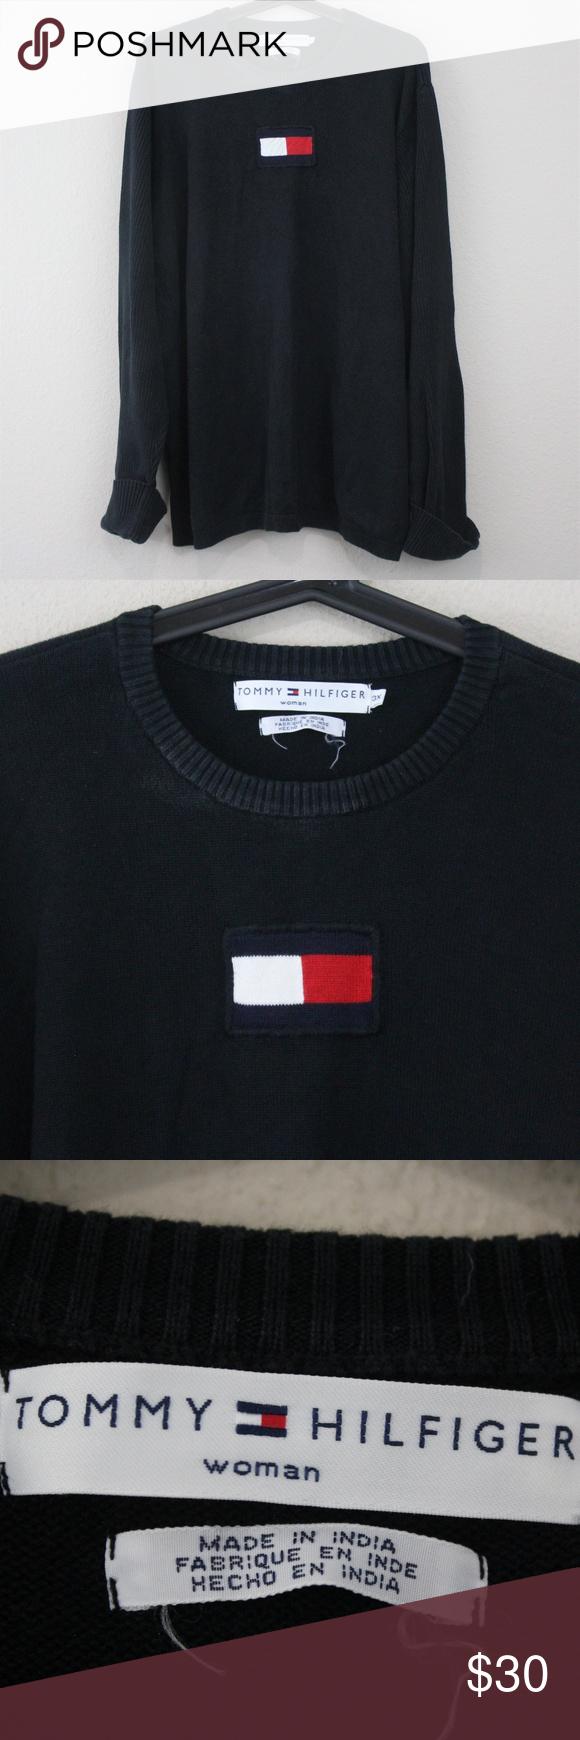 Vtg Tommy Hilfiger Big Flag Sweater G266 Tommy Hilfiger Sweaters Tommy Hilfiger Sweater [ 1740 x 580 Pixel ]